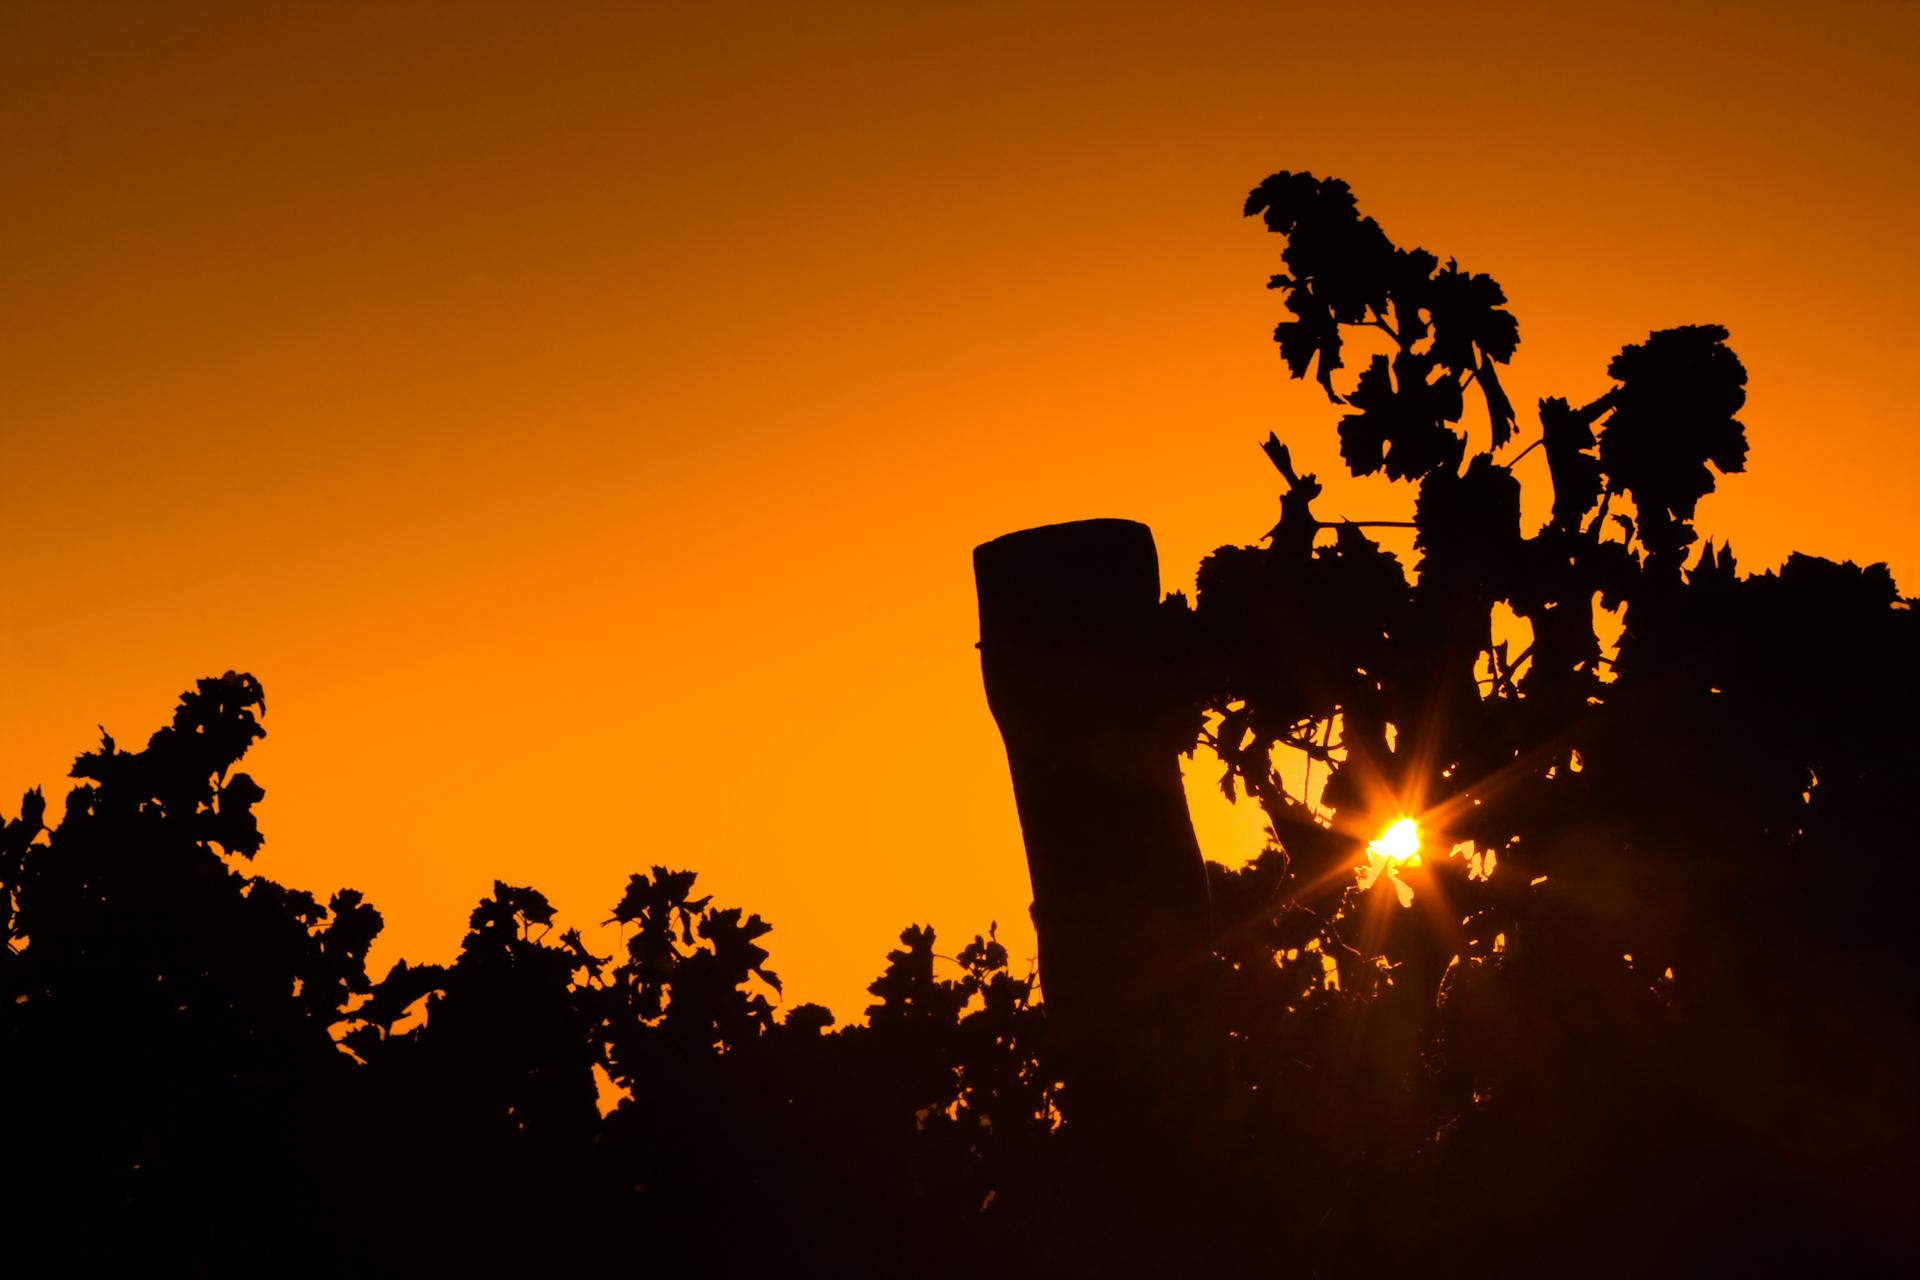 Sunrise at the vineyard KYC 1920x1280